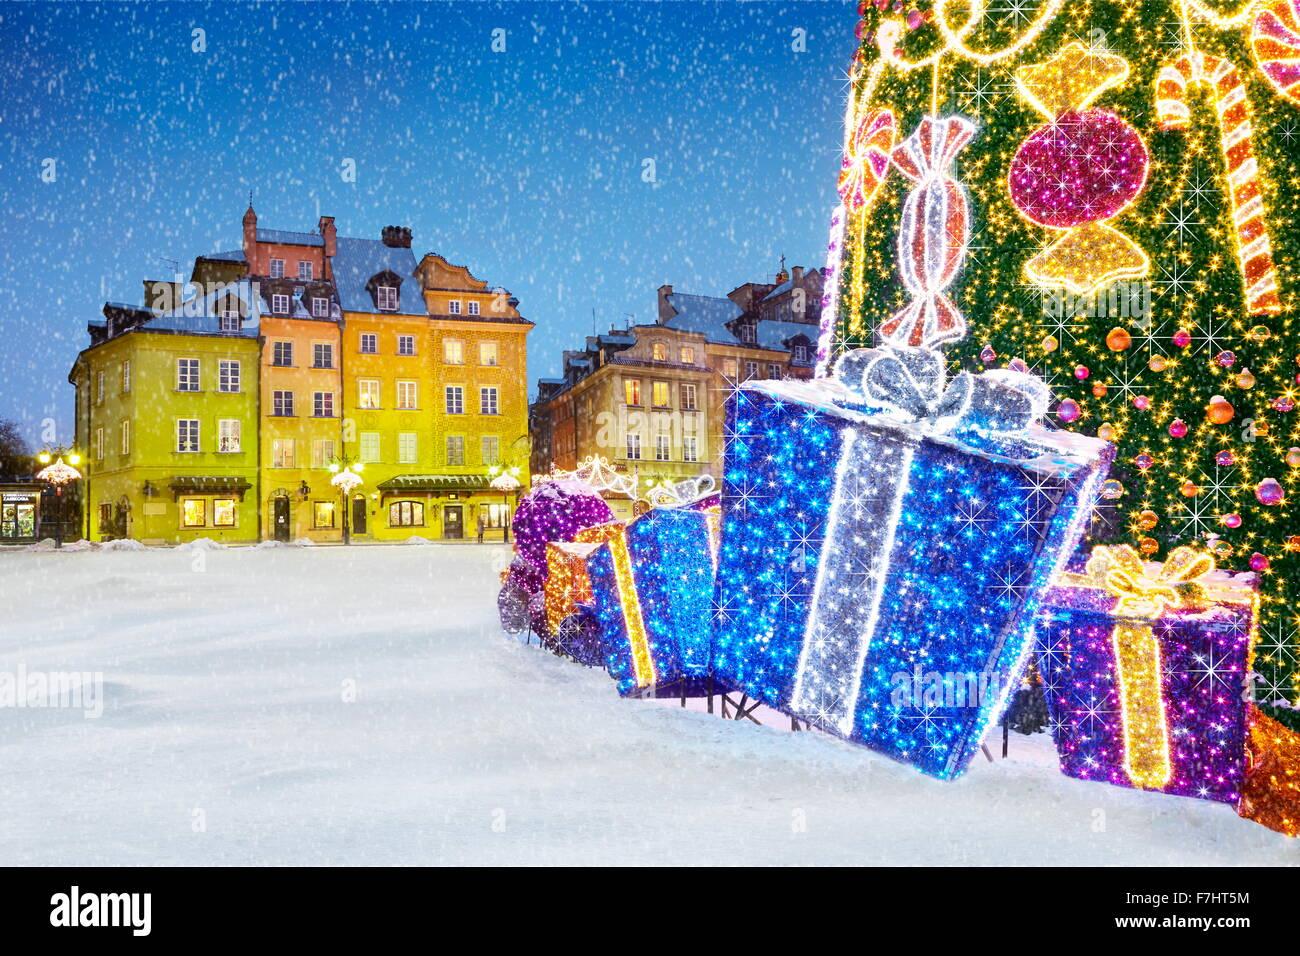 Neige en plein air décoration d'arbre de Noël avec des cadeaux, Varsovie, Pologne Photo Stock